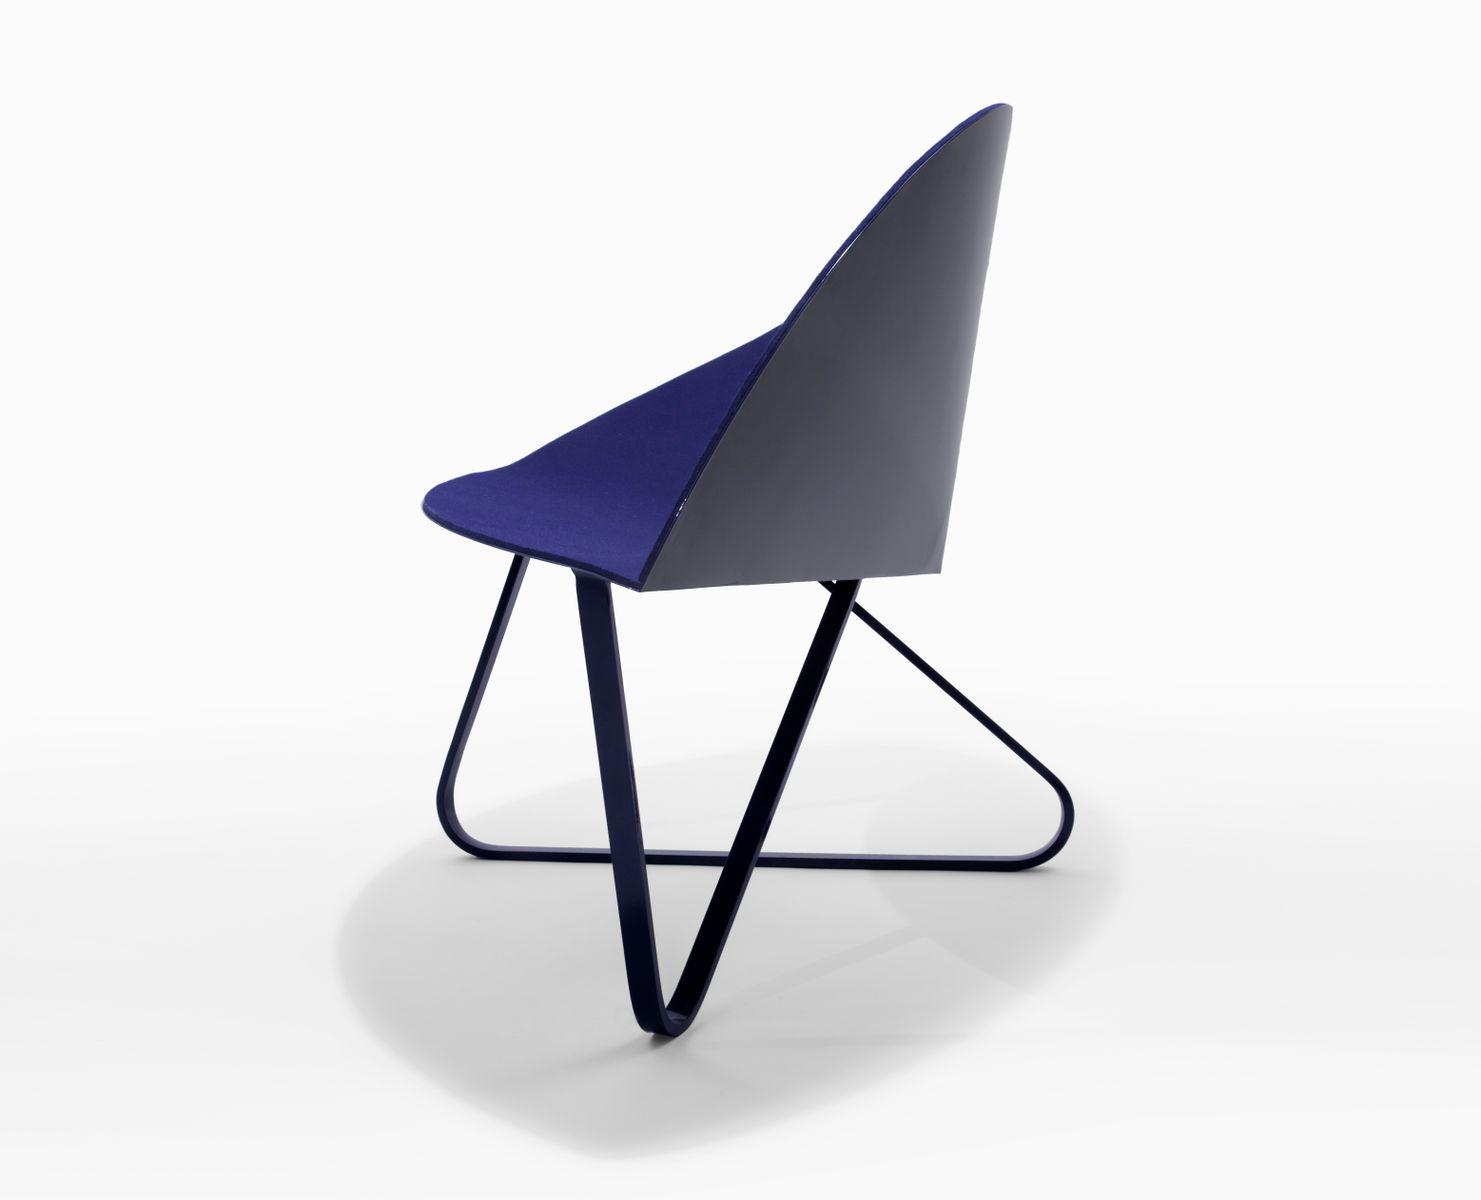 Stuhl aus filz und beschichtetem stahl von nina cho bei for Design stuhl filz